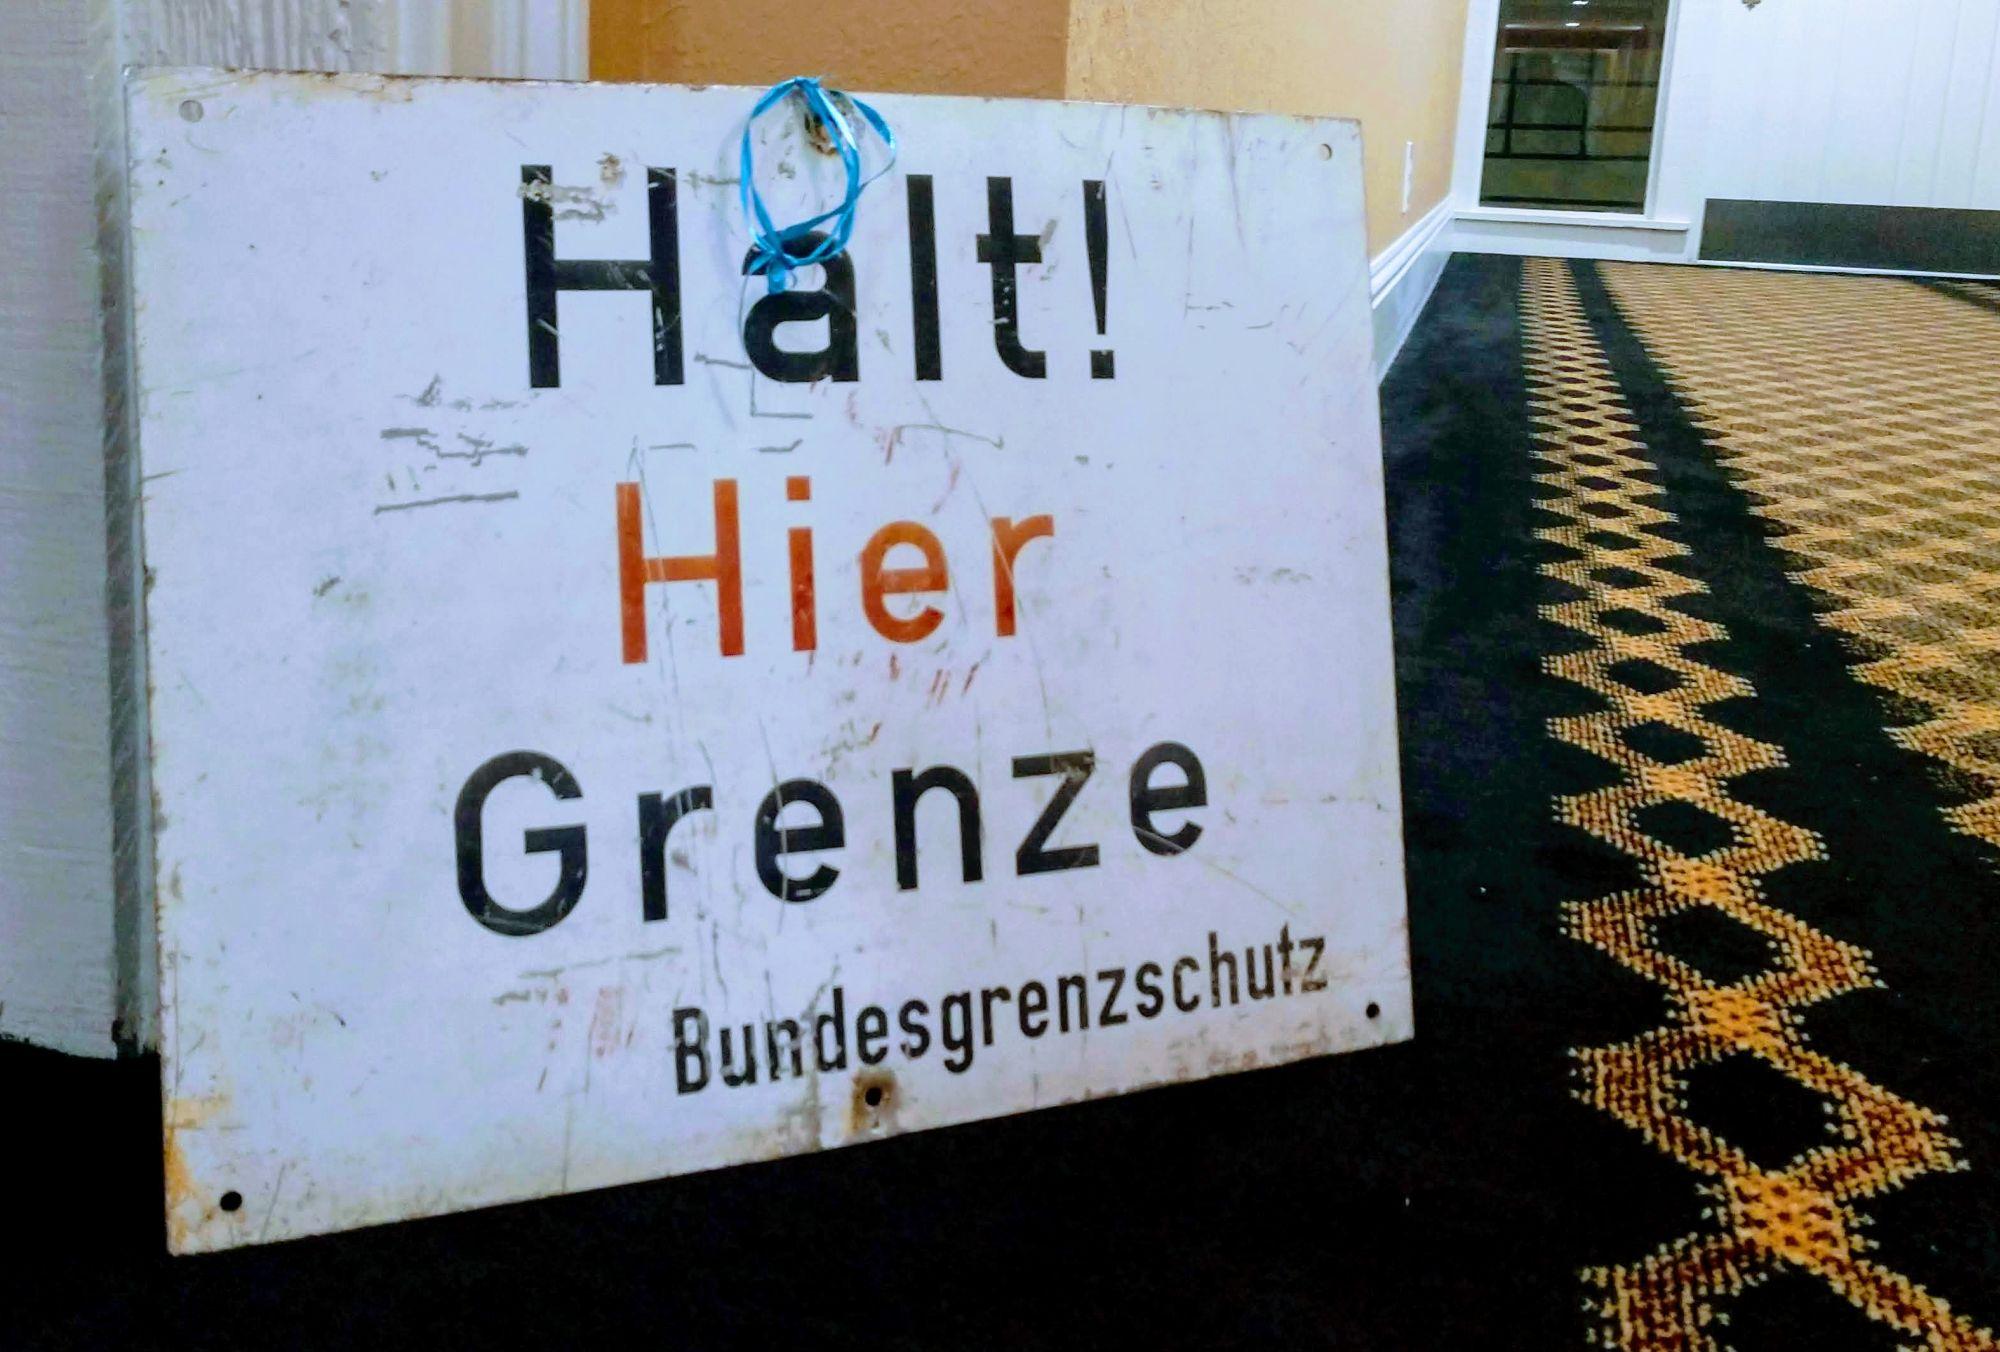 grenzen schweiz deutschland